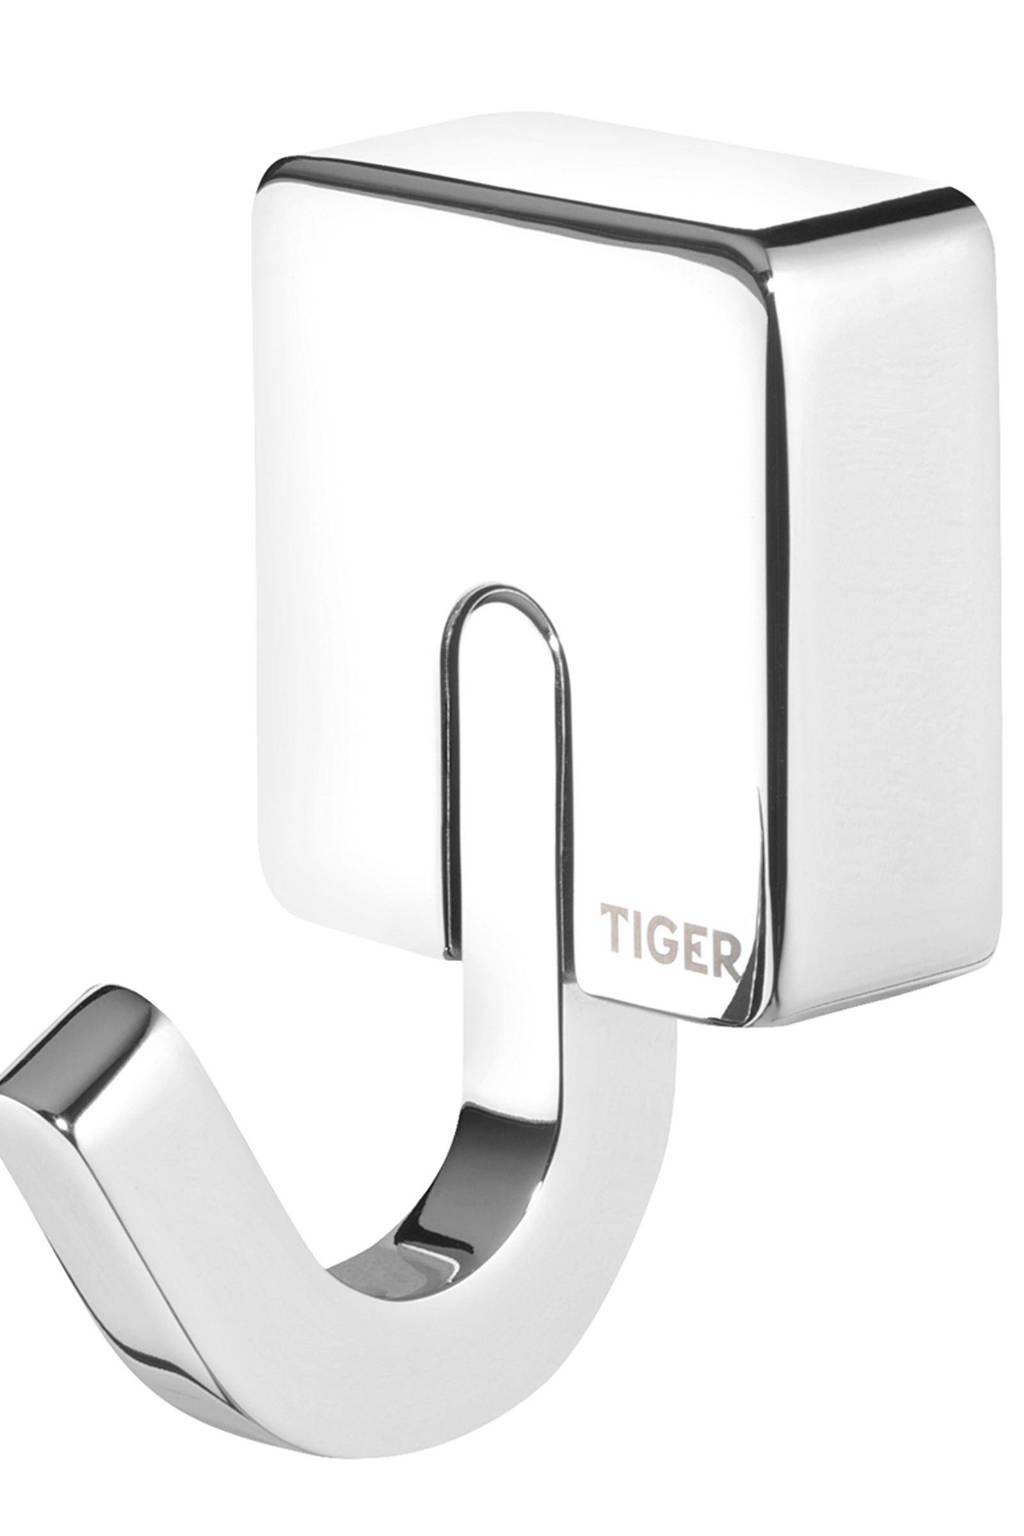 Tiger Impuls handdoekhaak  zilver, Zilver